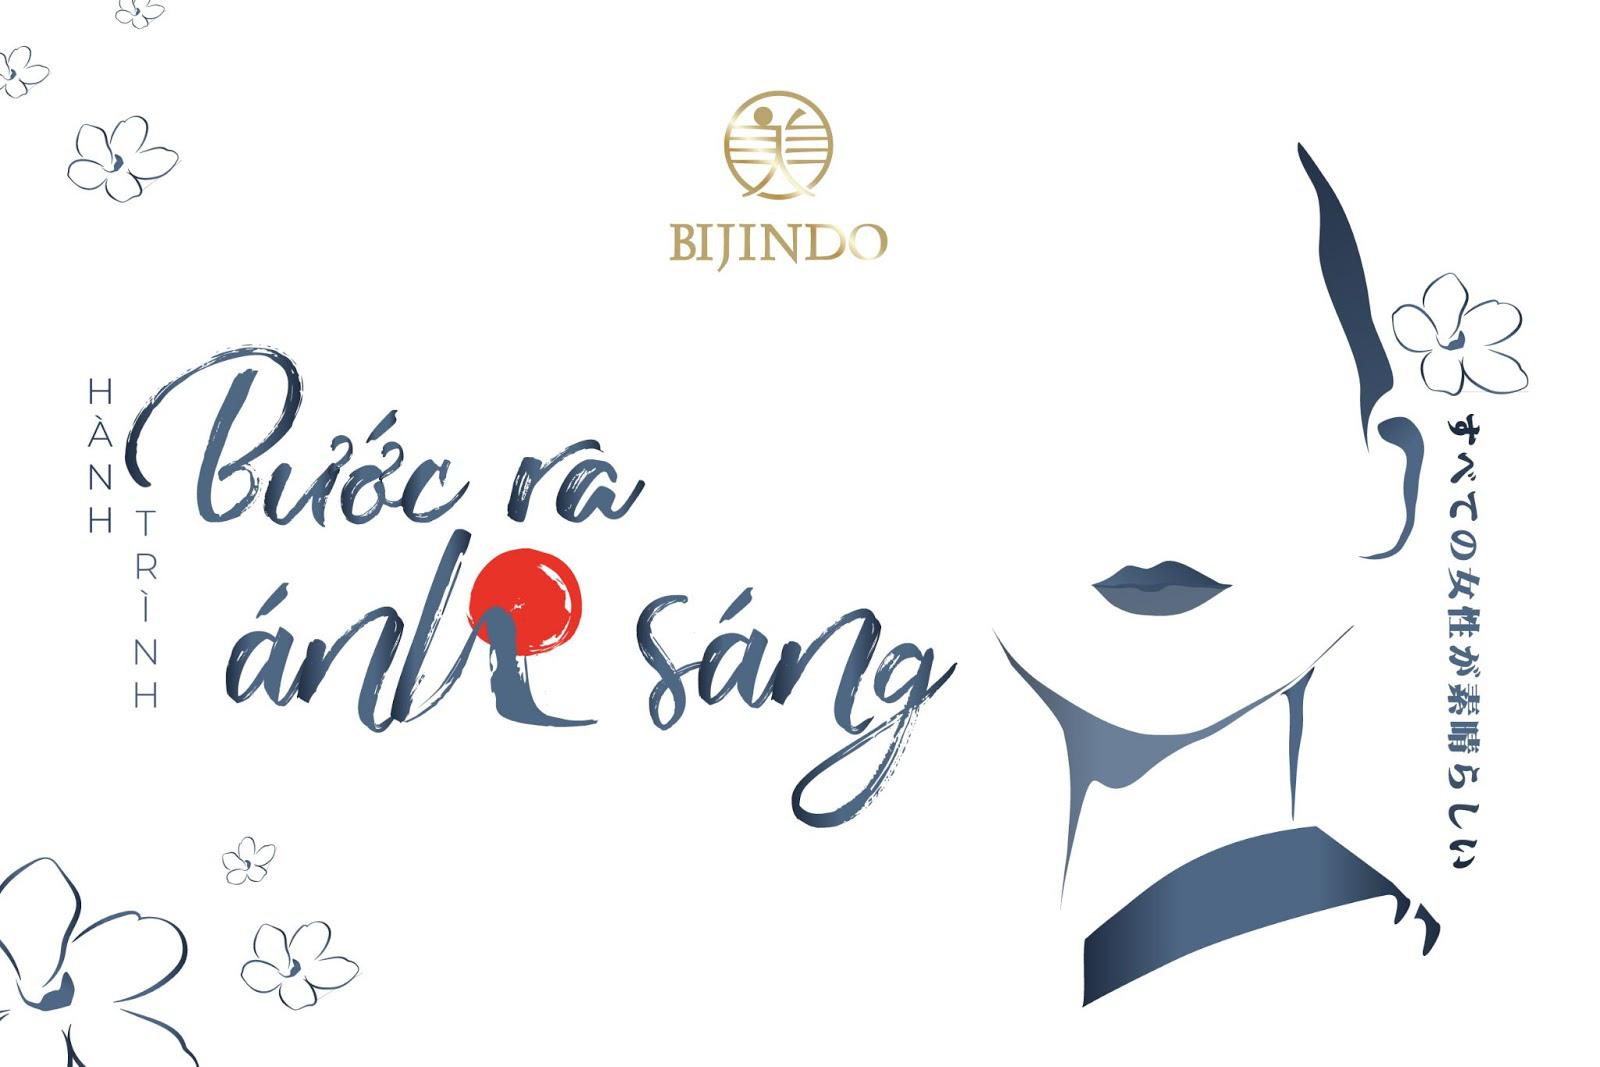 Bijindo – thương hiệu mỹ phẩm Nhật Bản và hành trình khơi dậy tự tin cho hàng triệu người phụ nữ - Ảnh 3.